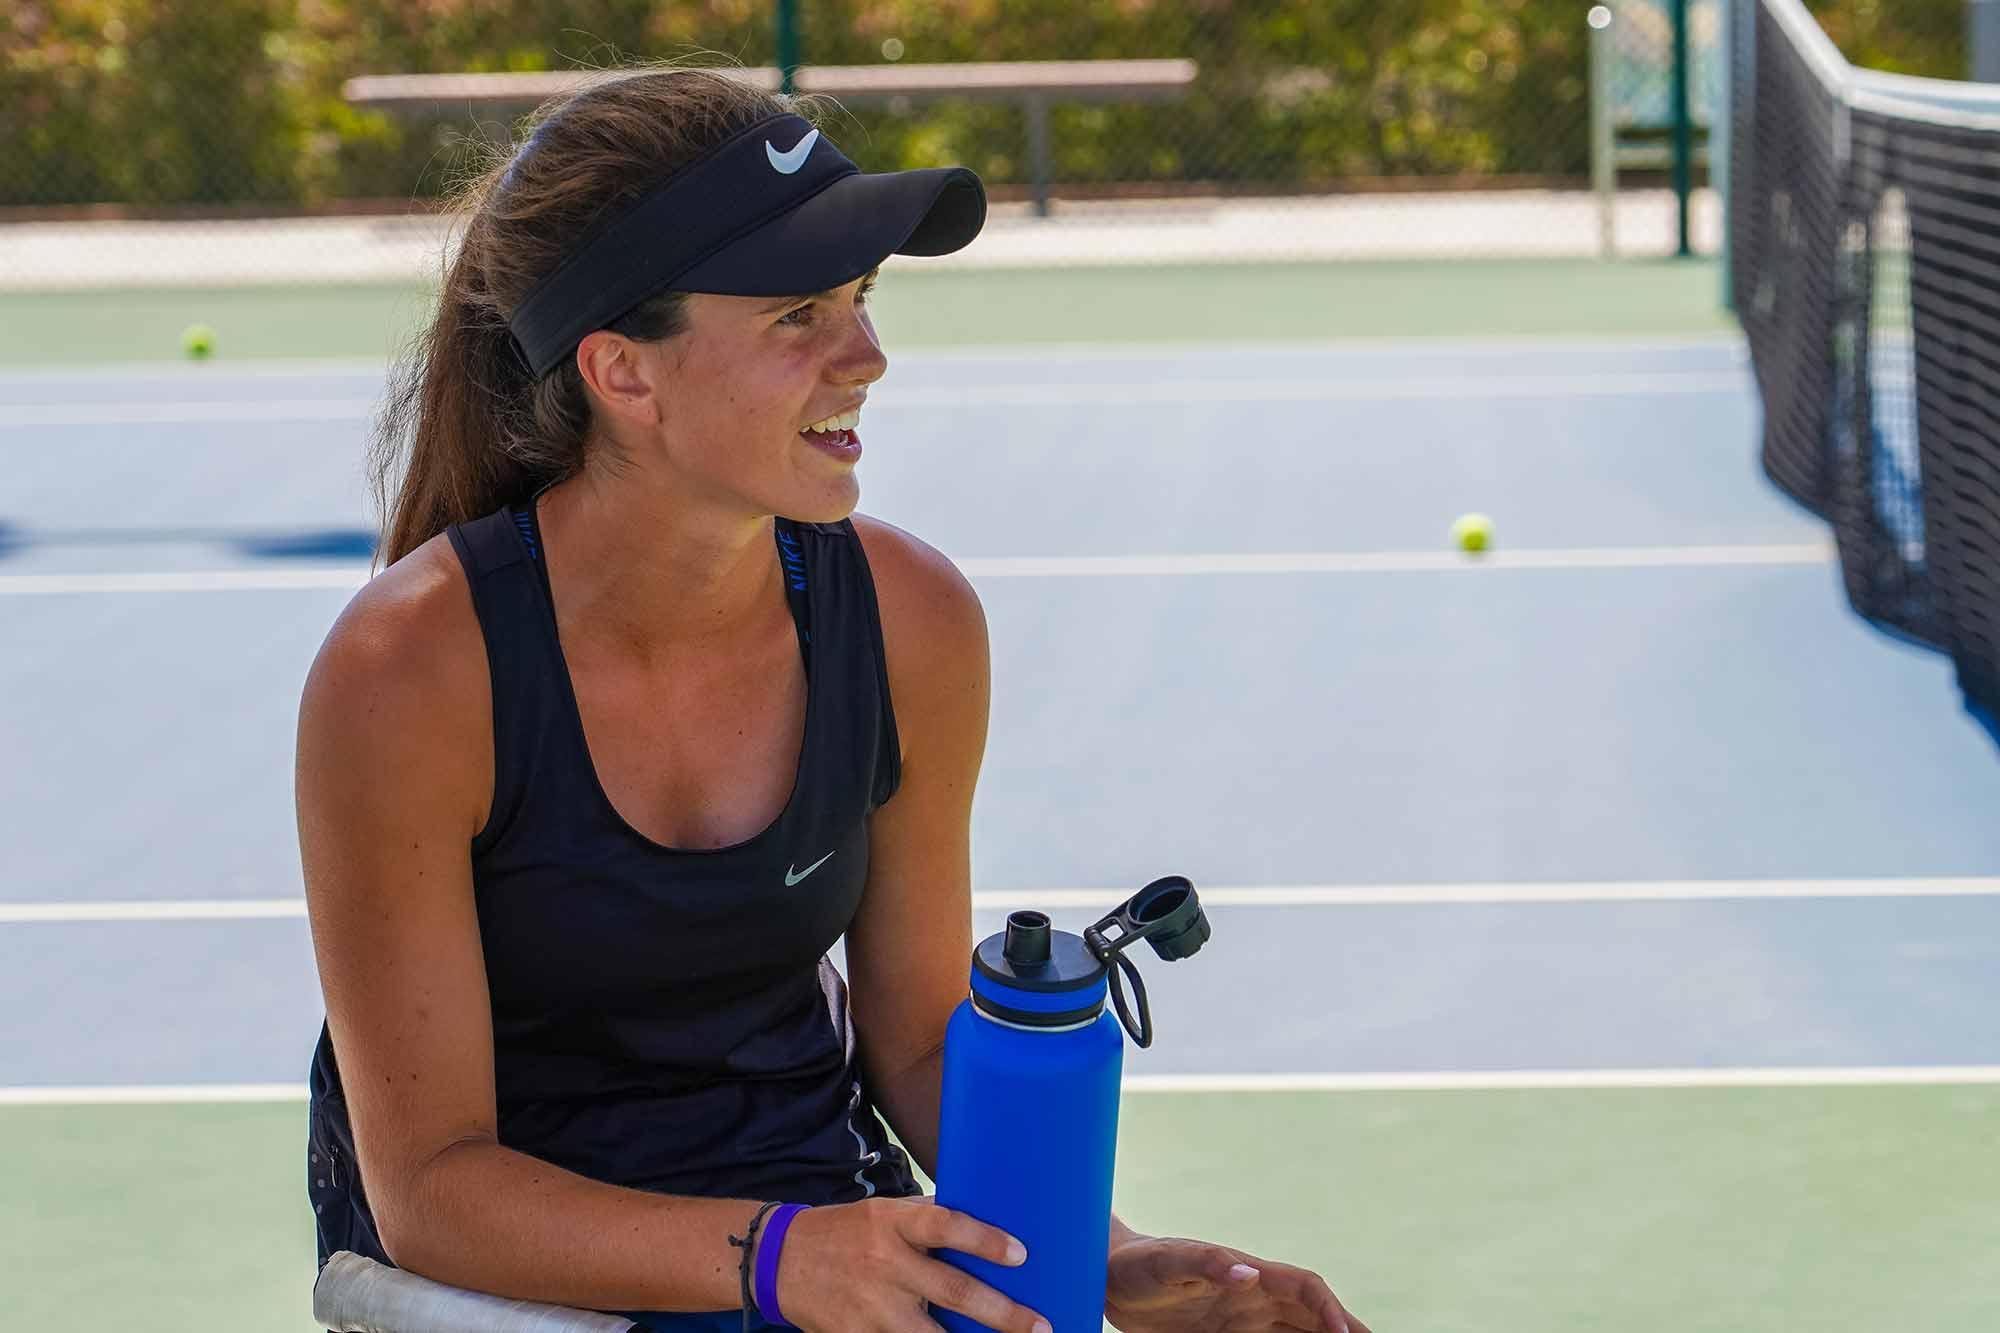 La hidratación, clave en la práctica deportiva